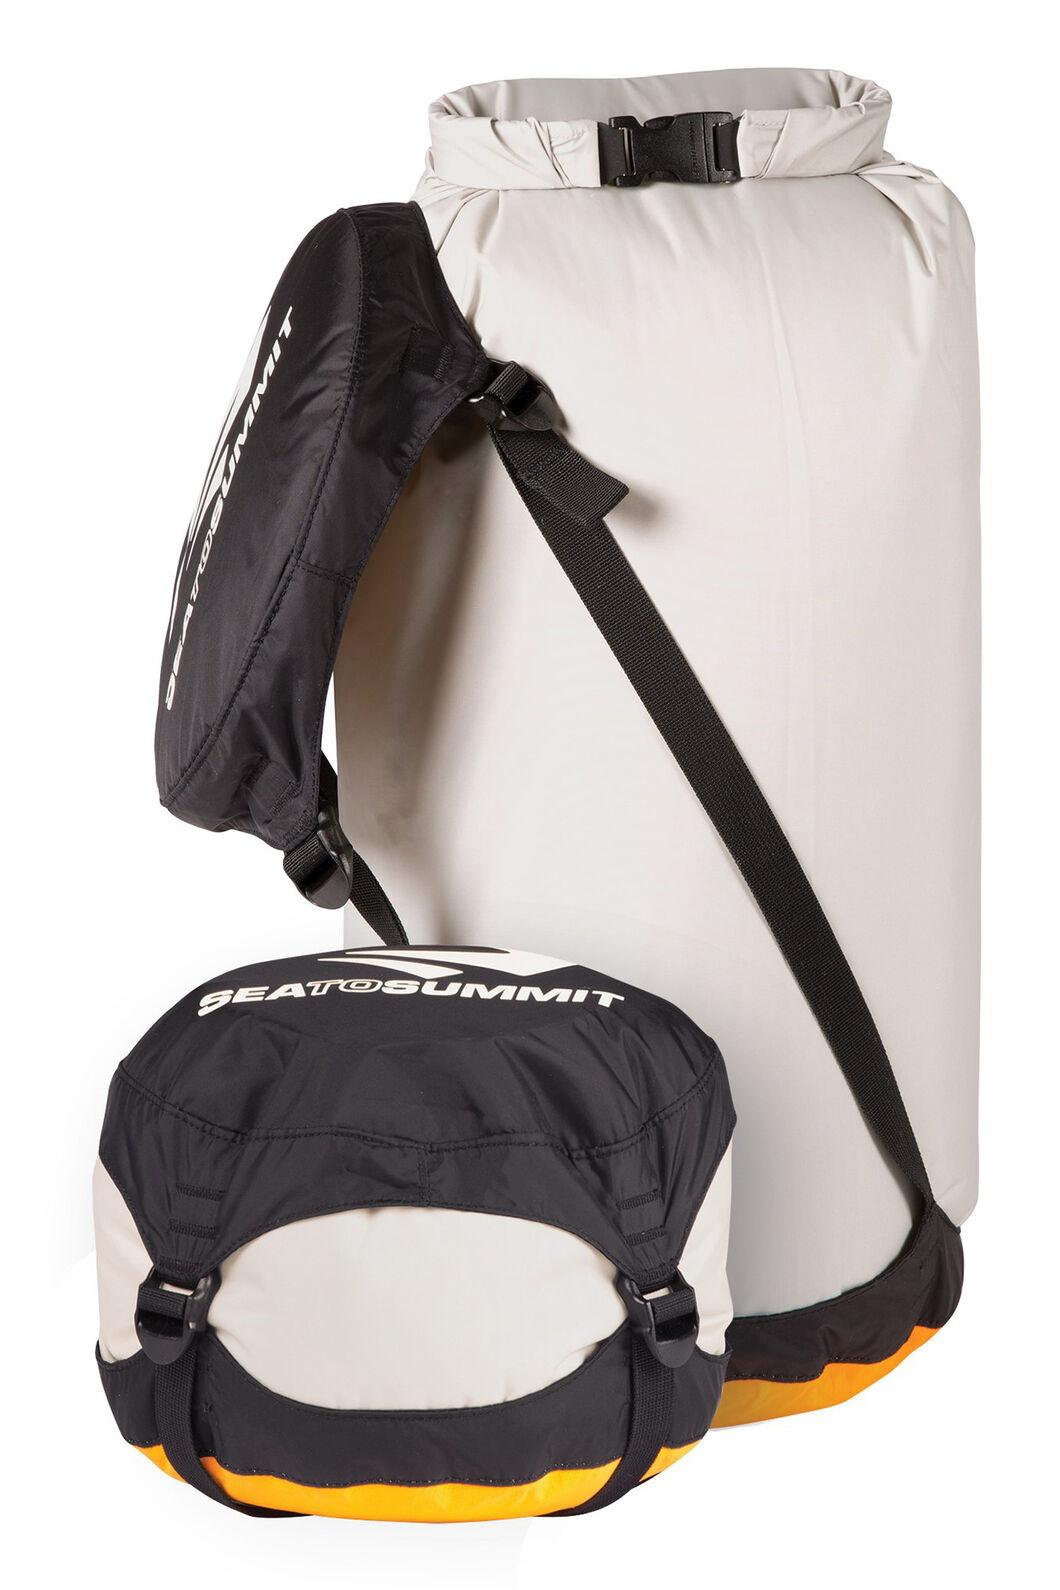 Sea to Summit eVent® Compression Drysack - 14L, None, hi-res